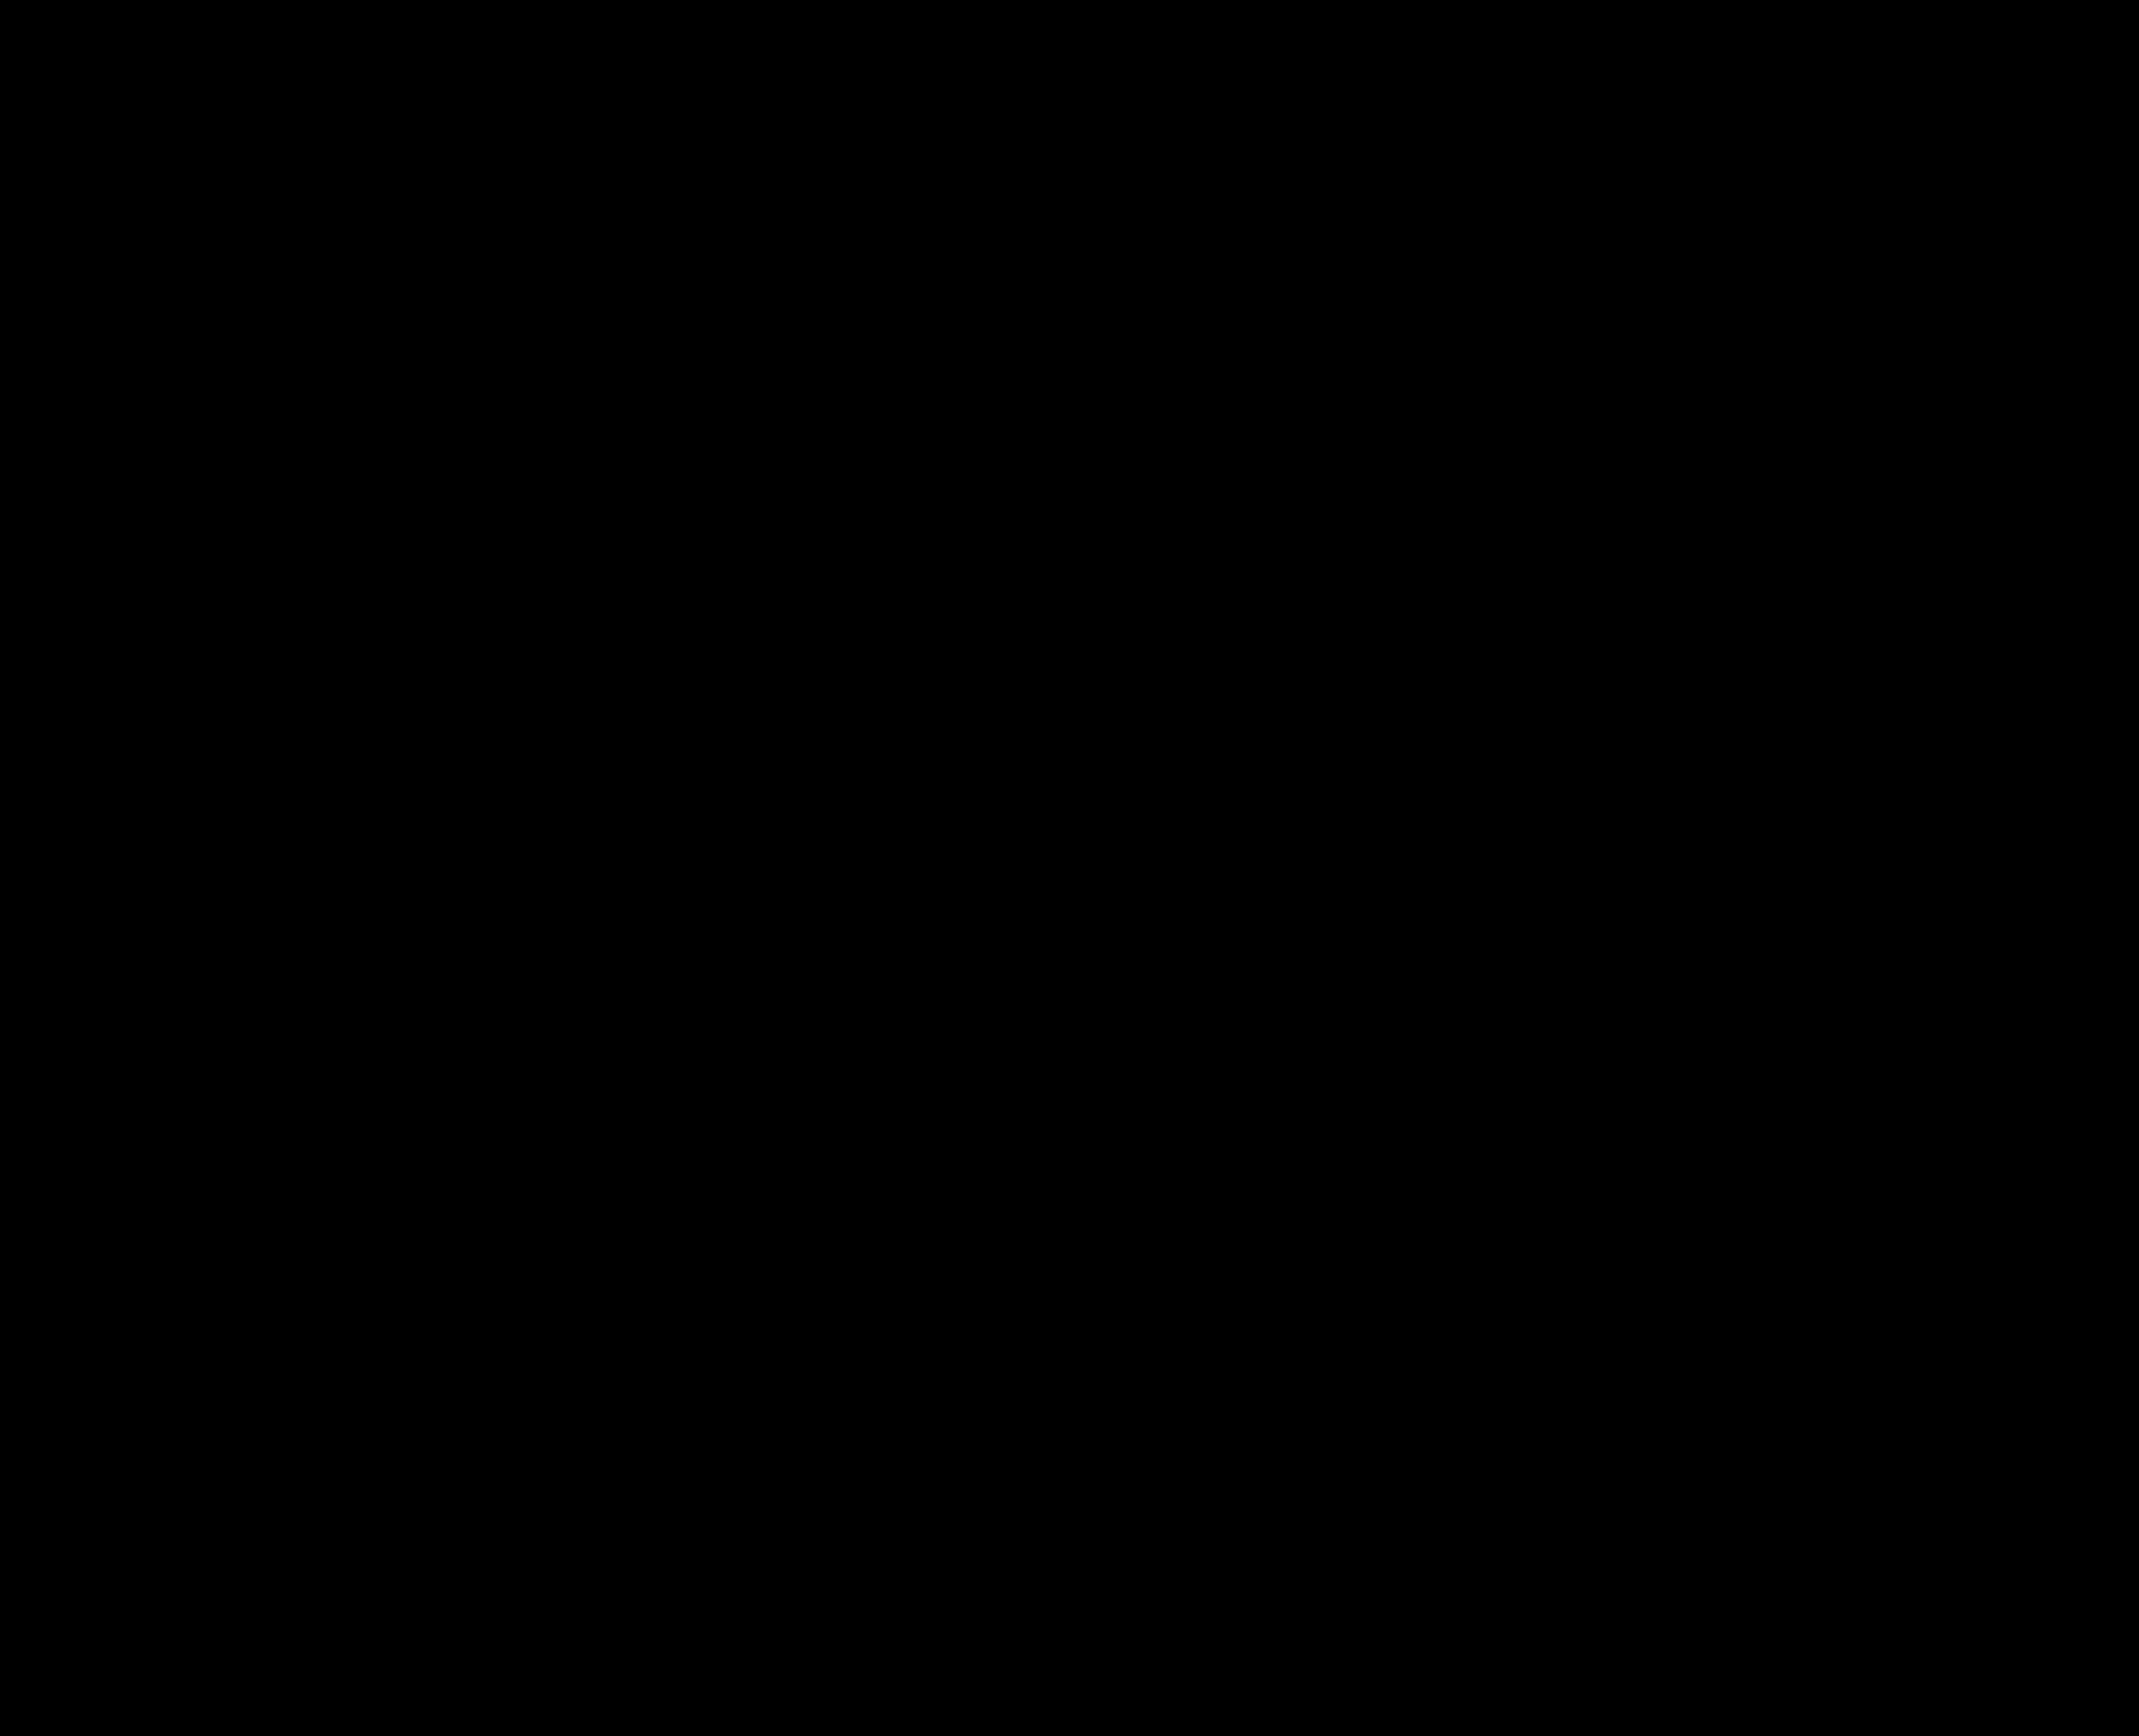 TNYSCM_vectorLogo.png